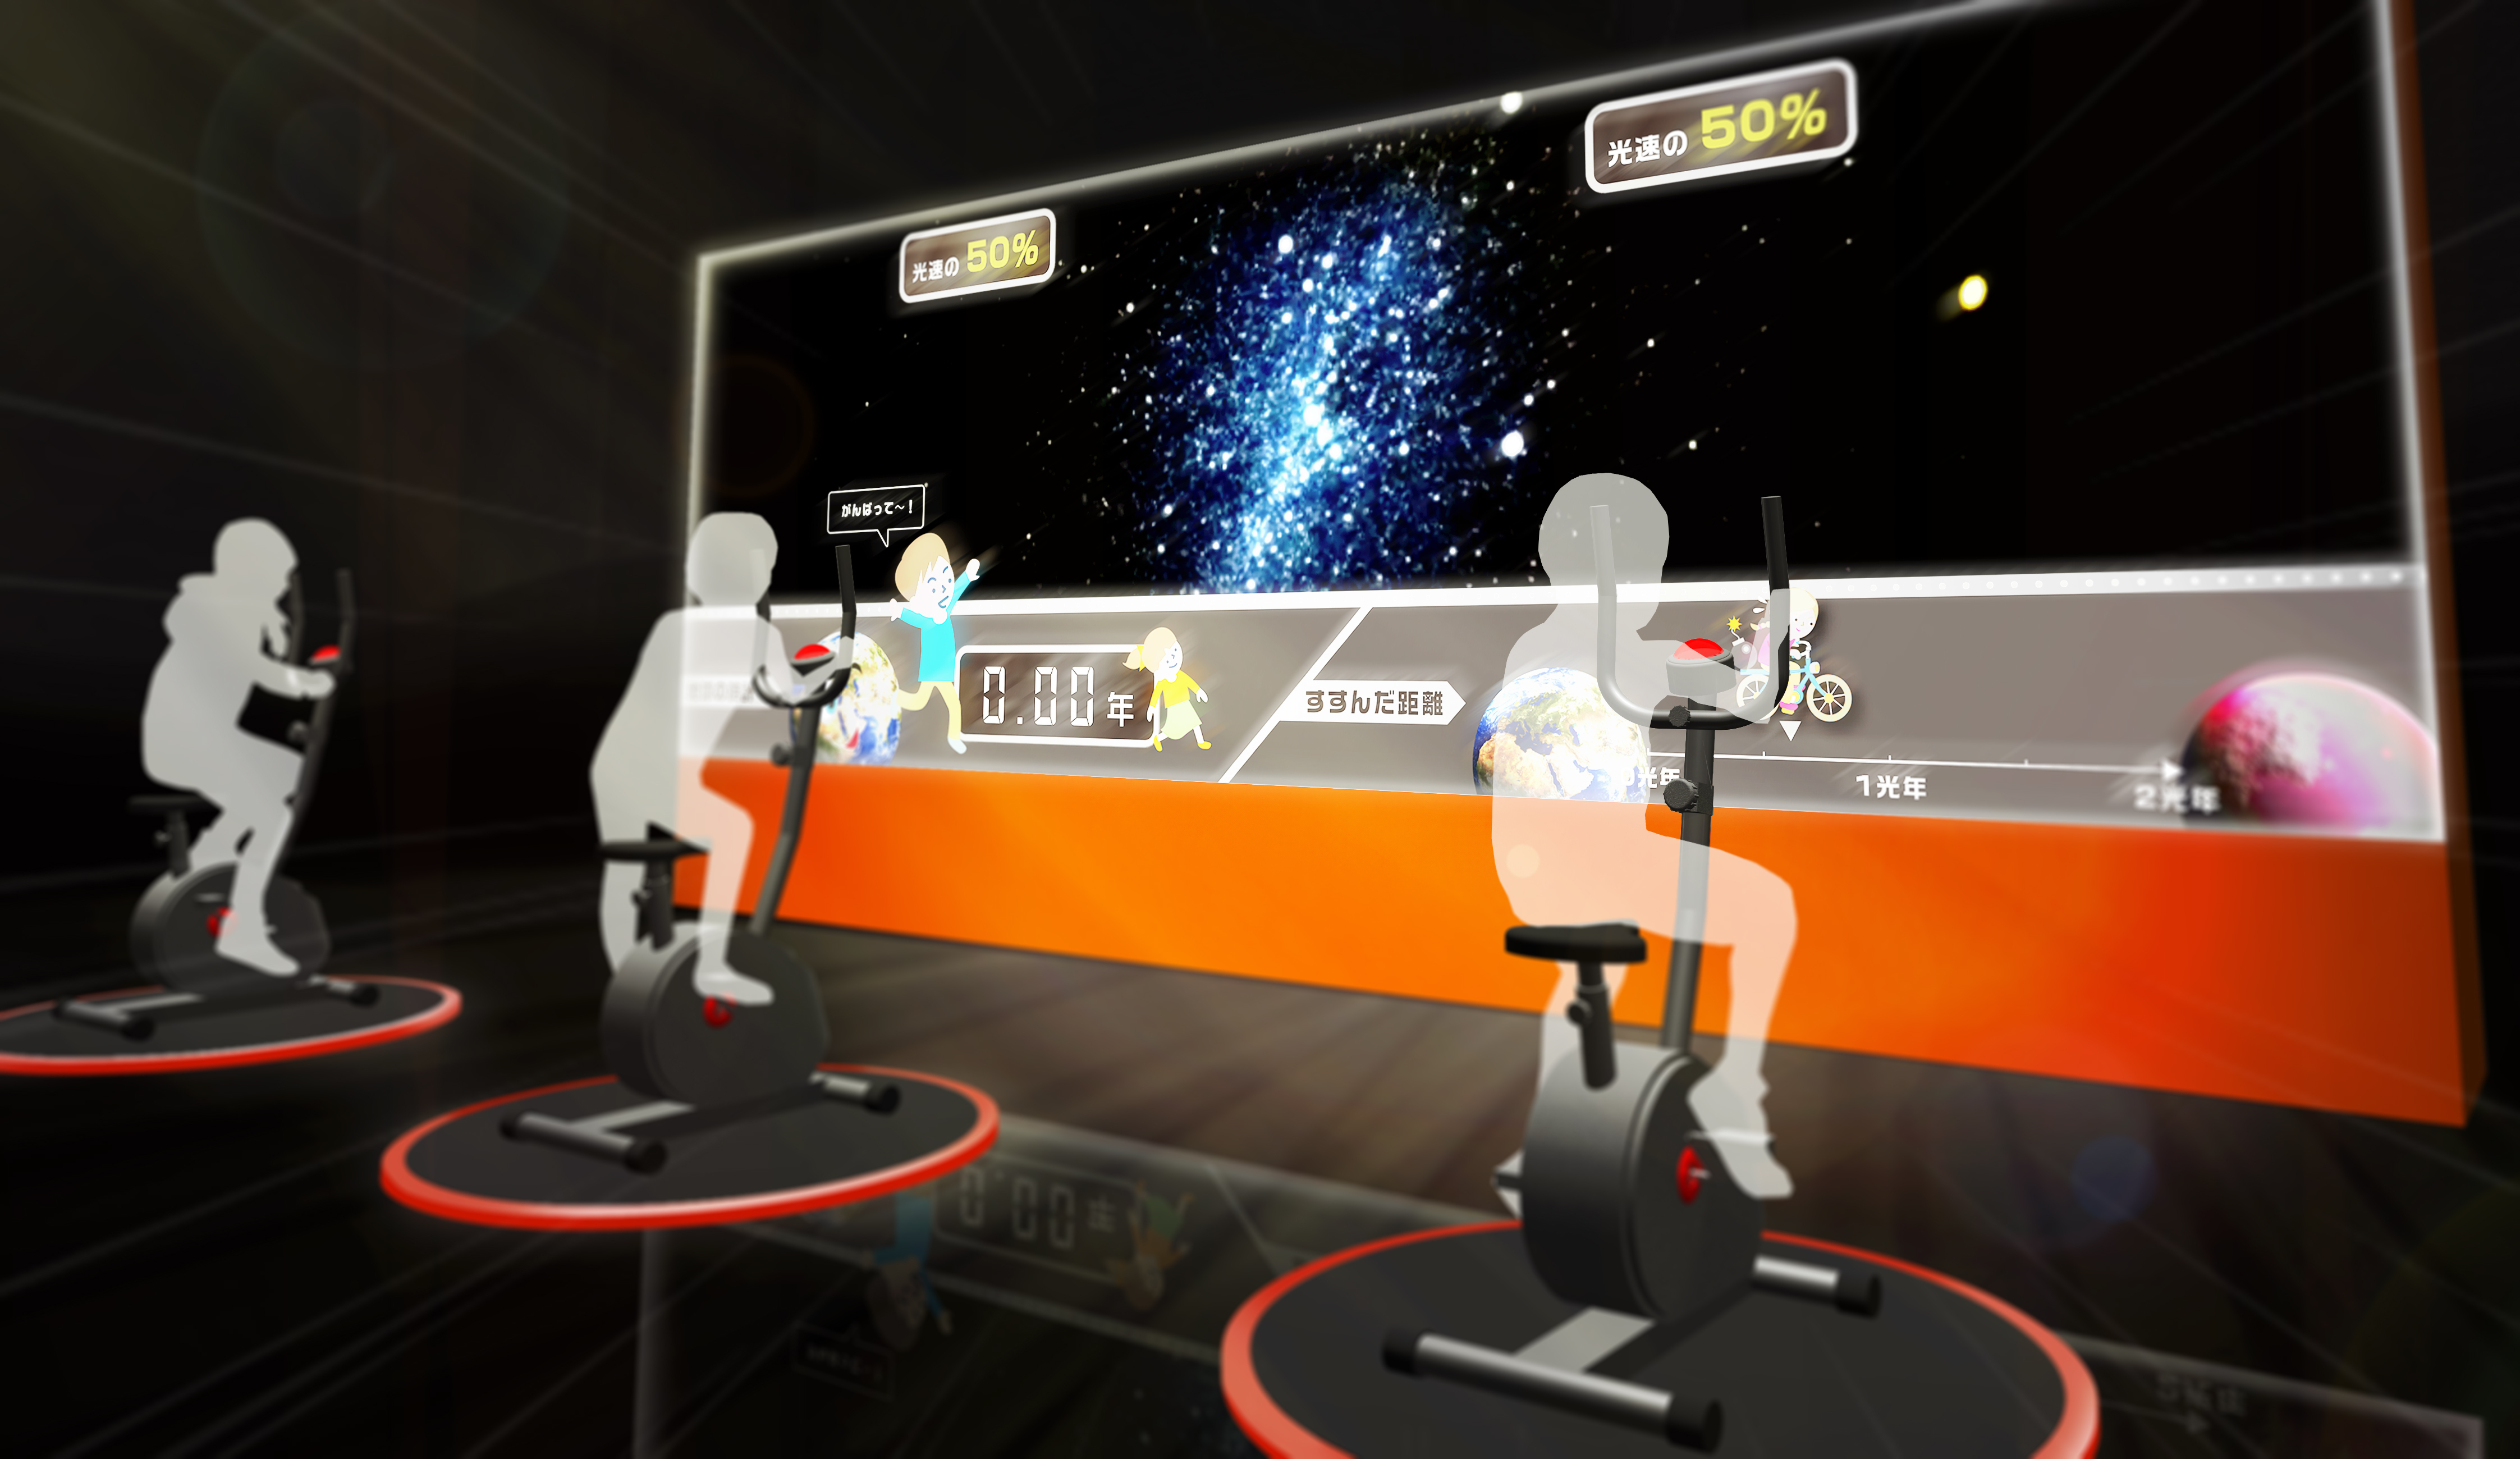 体験コーナー「爆弾解除! 光速サイクリング」イメージ